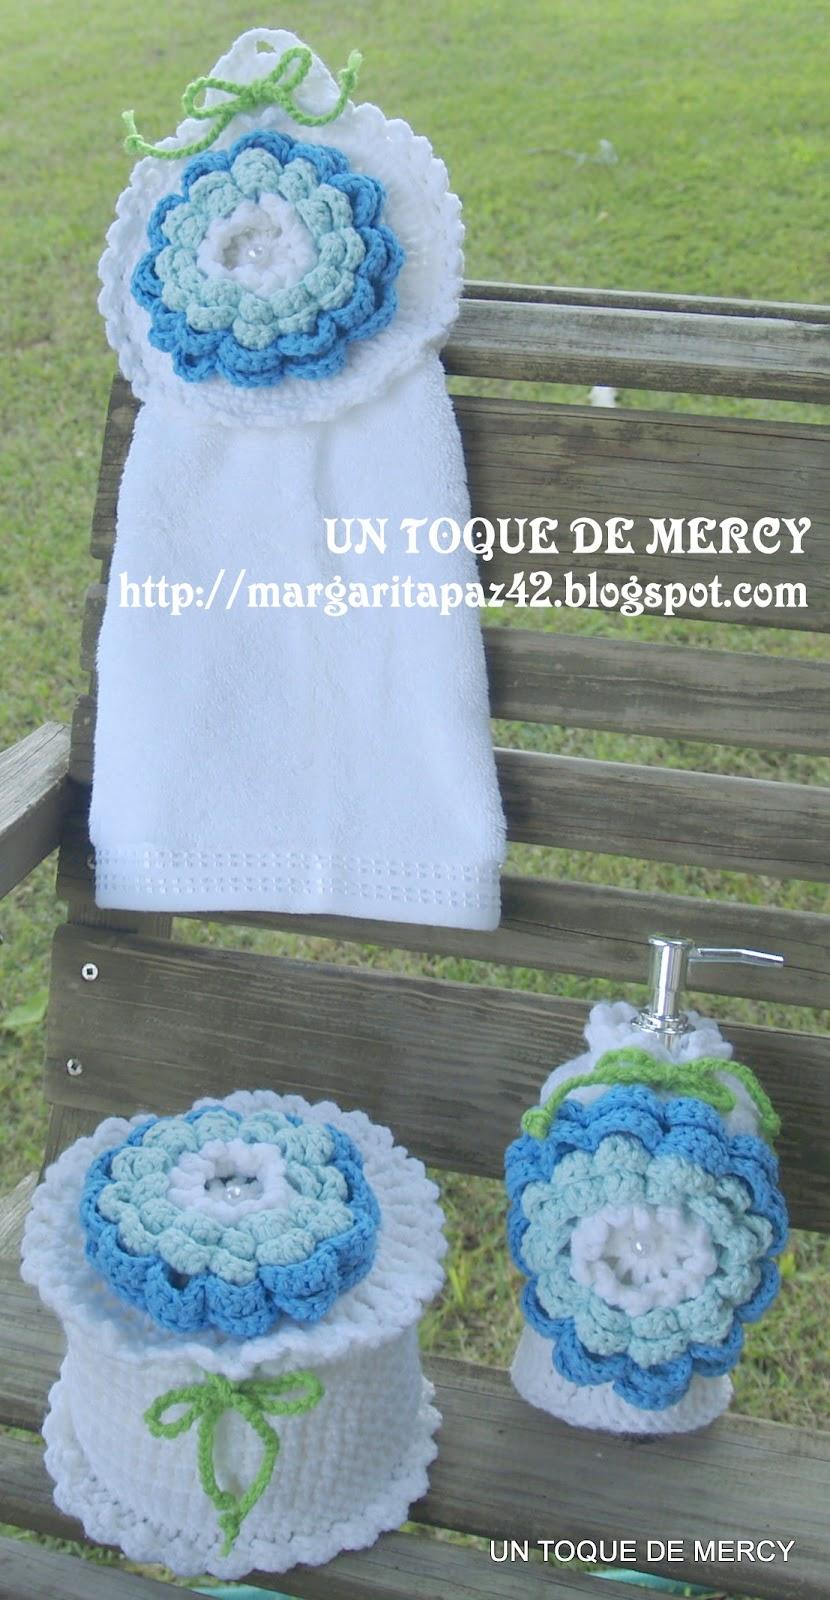 Accesorios De Baño A Crochet:DE MERCY: SET PARA BANO DE CROCHET//INCLUYE EL FORRO DEL EMBASE PARA